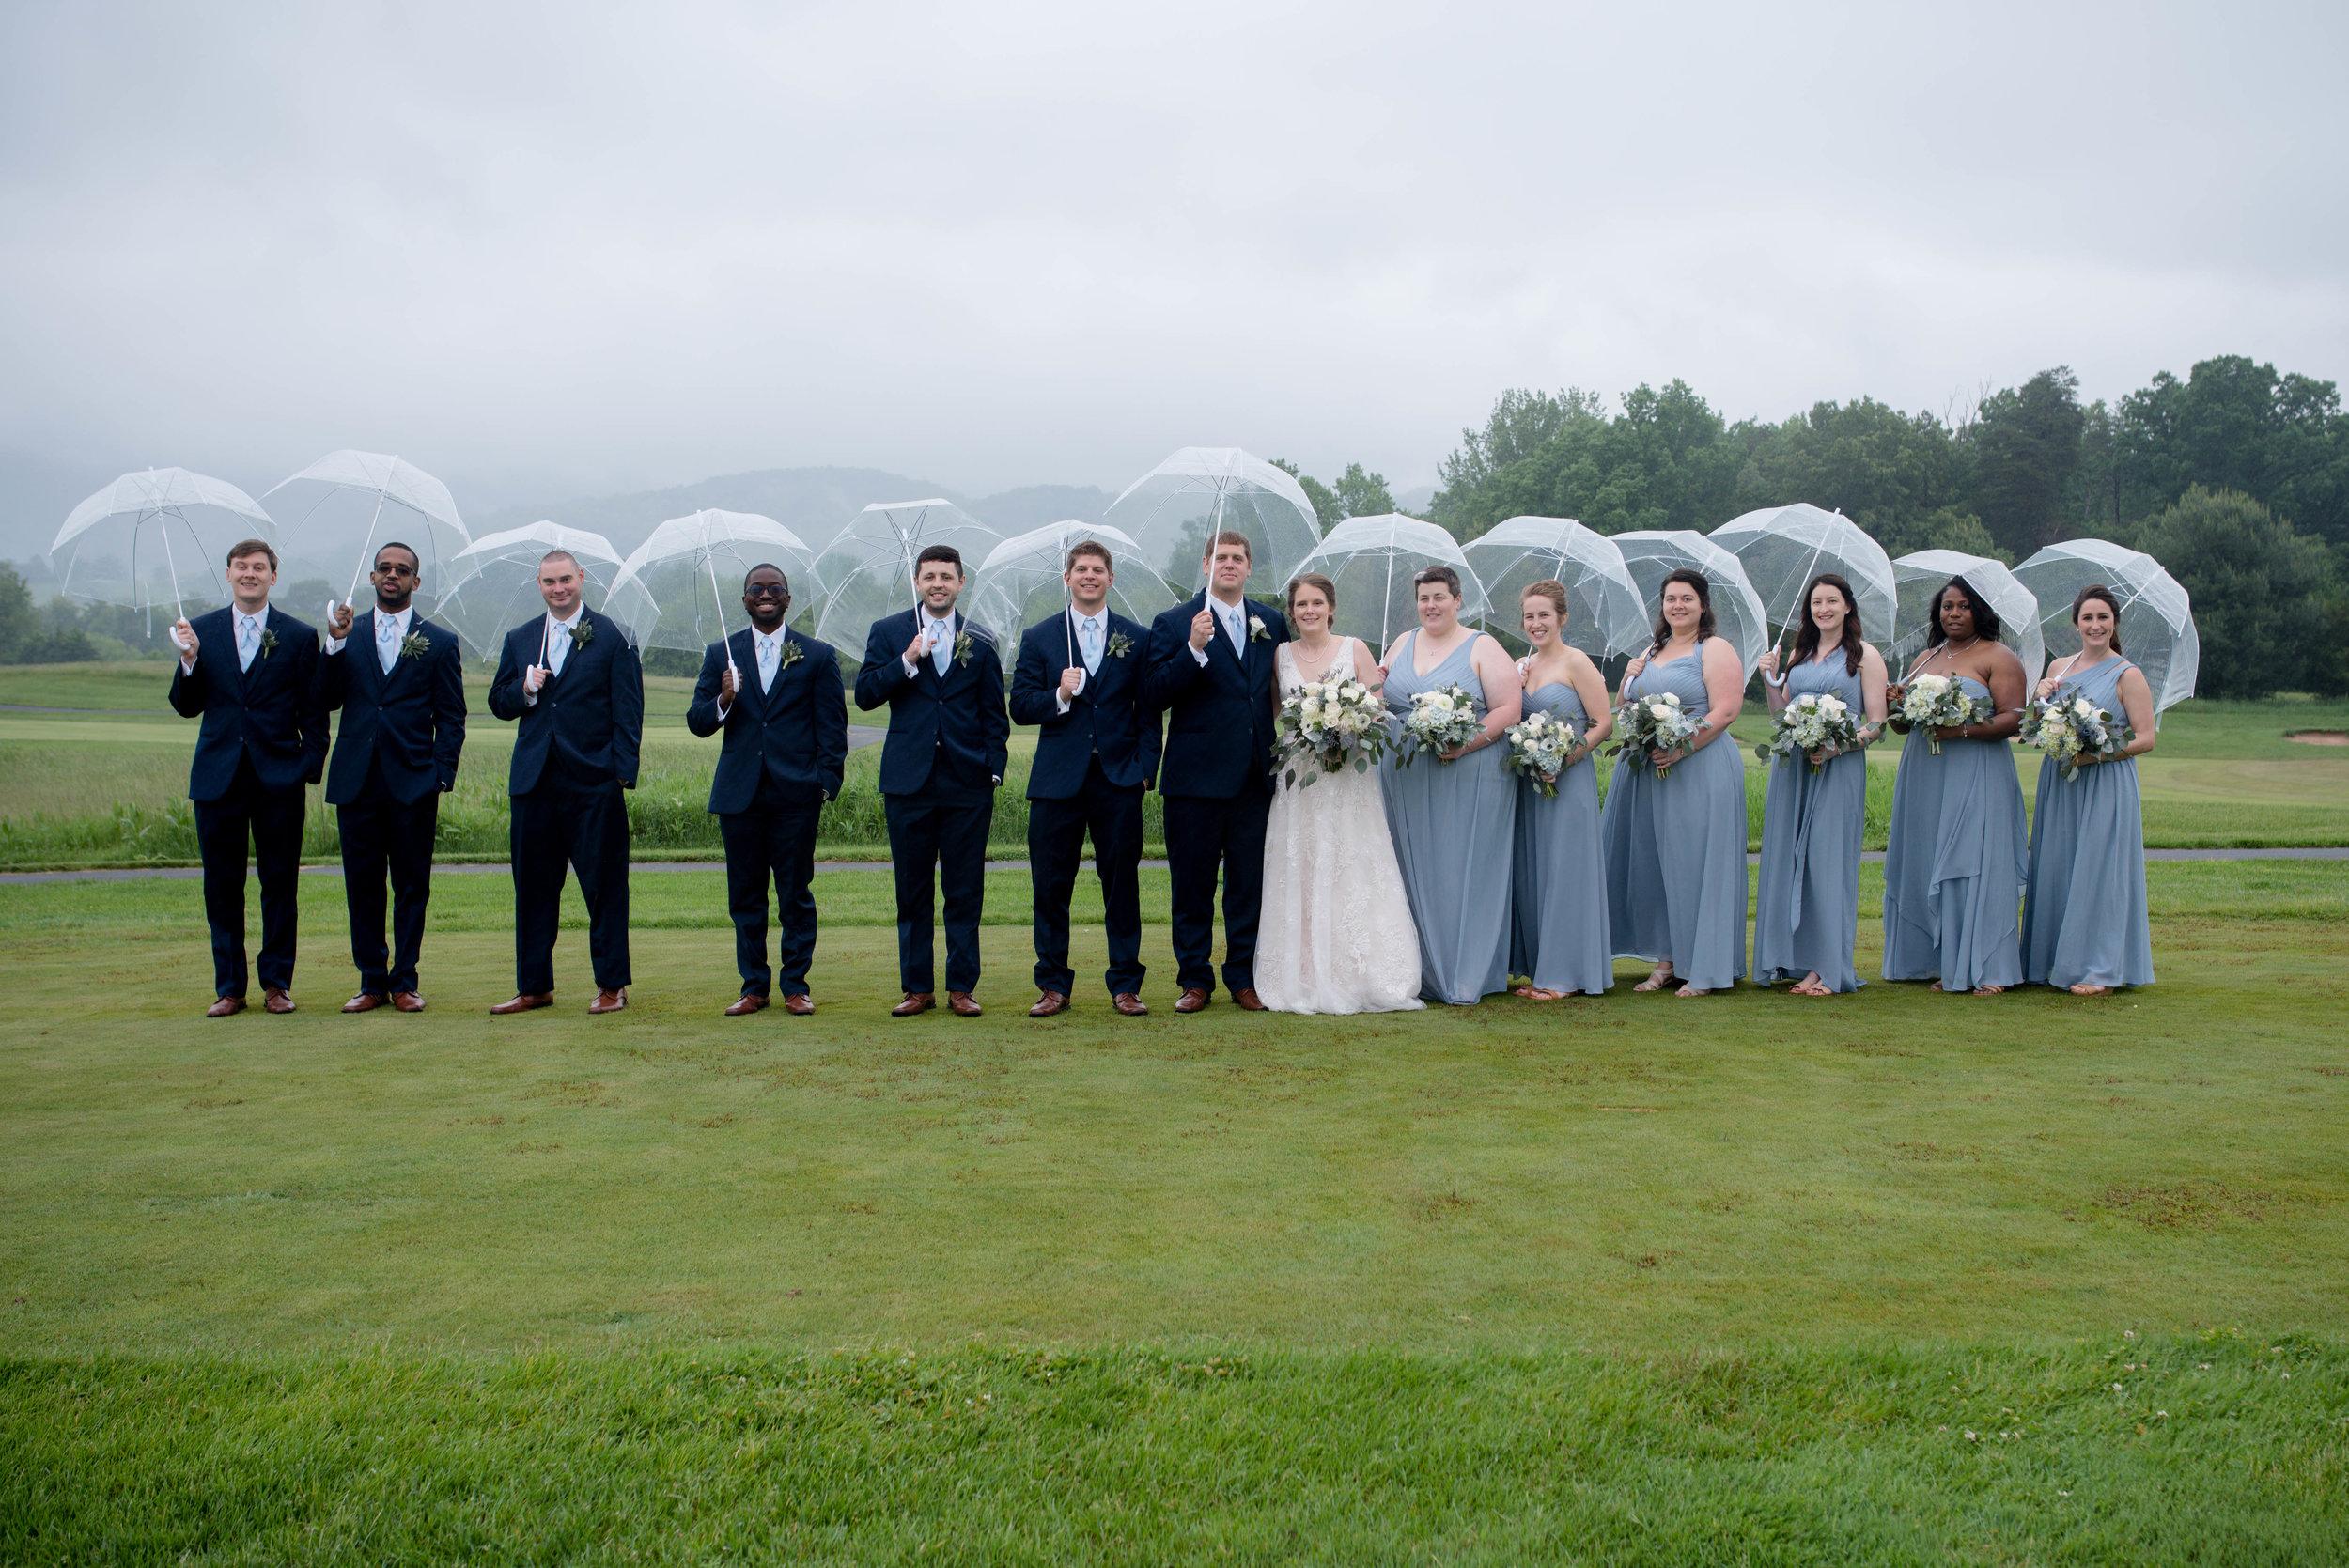 blue-ridge-wedding-ashley-nicole-photography-restoration-hall-crozetphotography-restorationhall-charlottesville-wedding_Bridalparty-1.jpg